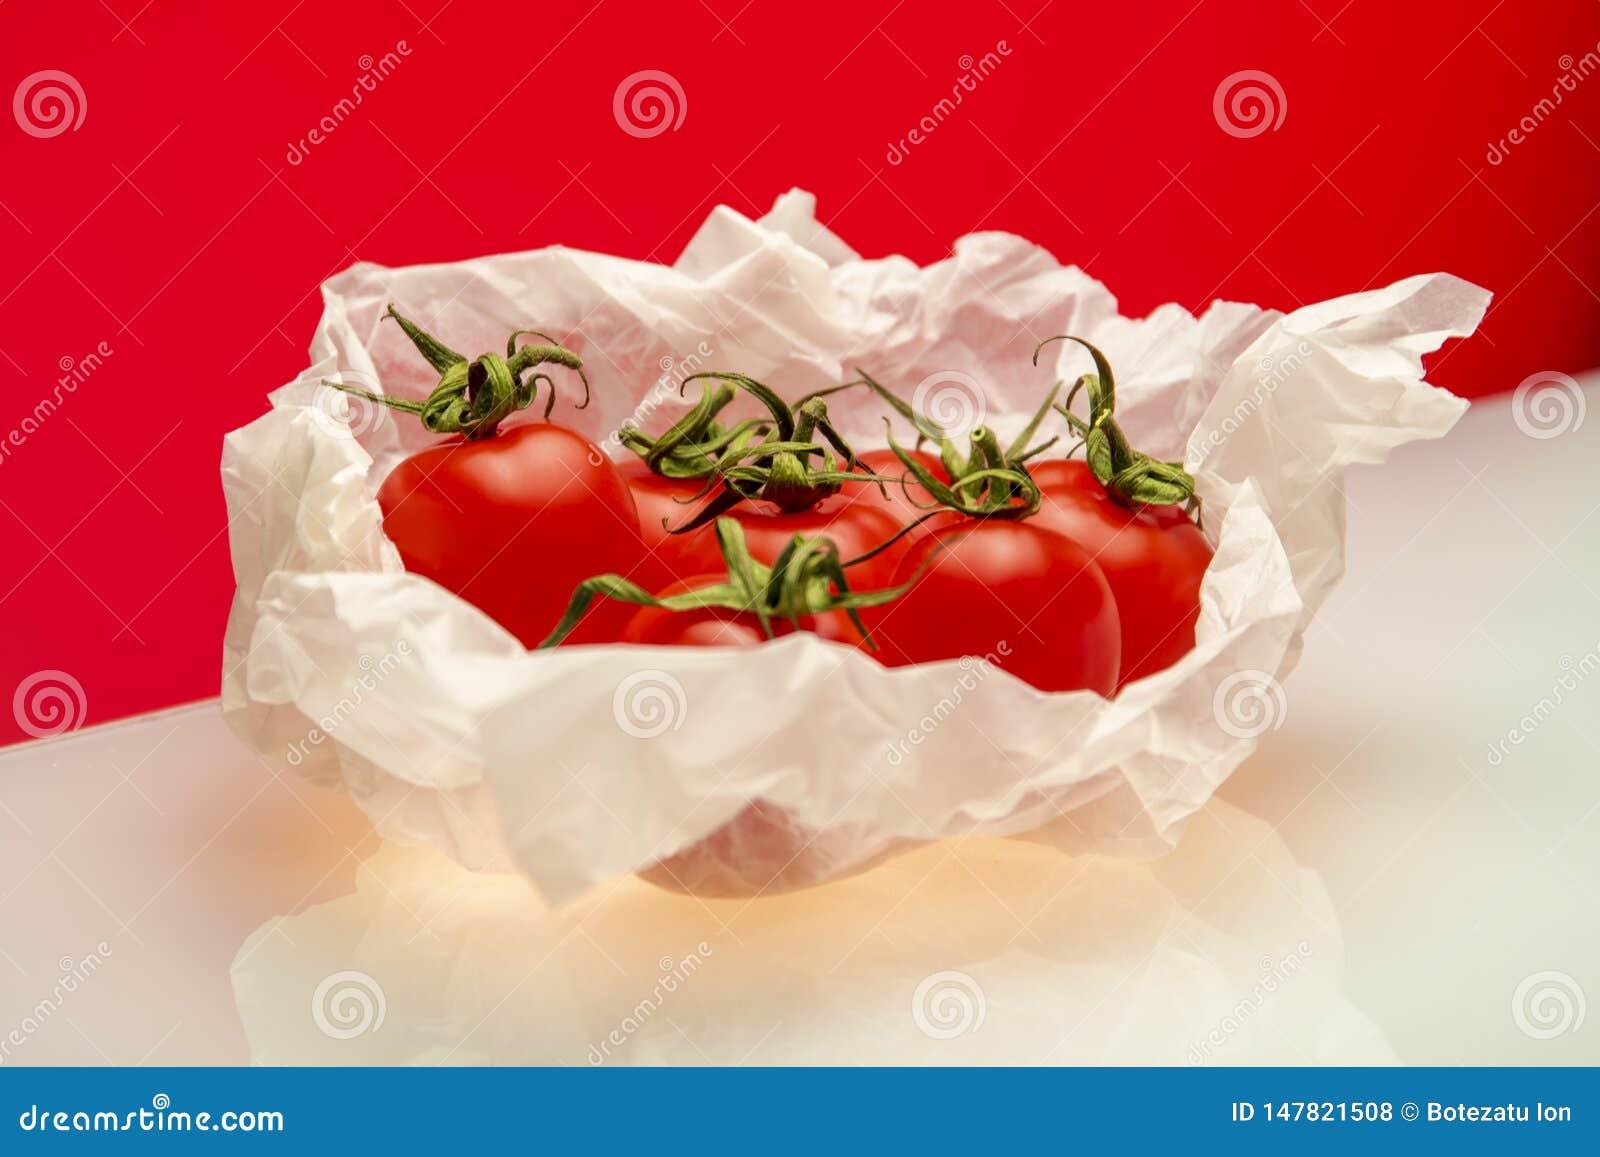 Tomates enveloppées en faisant cuire le papier sur le fond rouge